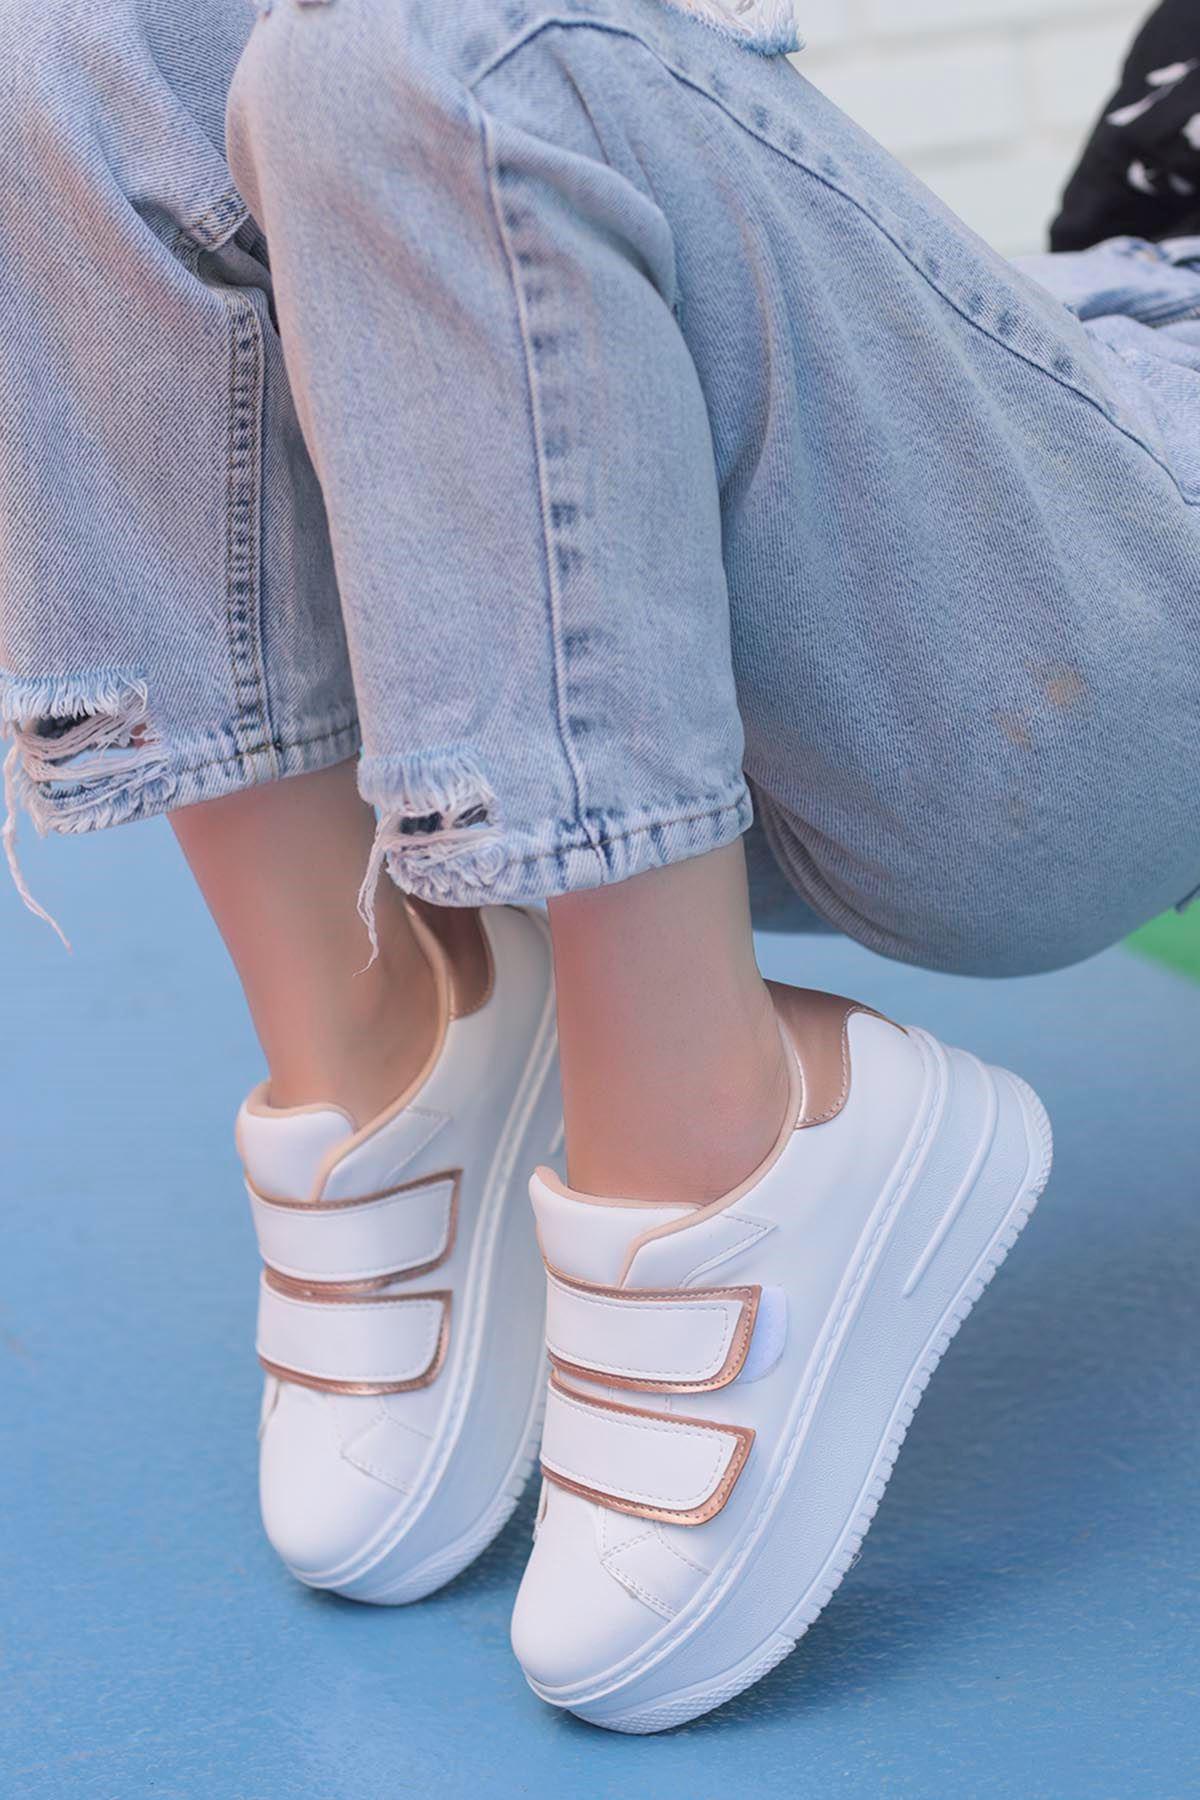 Mahaza Kalın Topuk Cırtlı Detay Spor Ayakkabı Beyaz Krem Detay